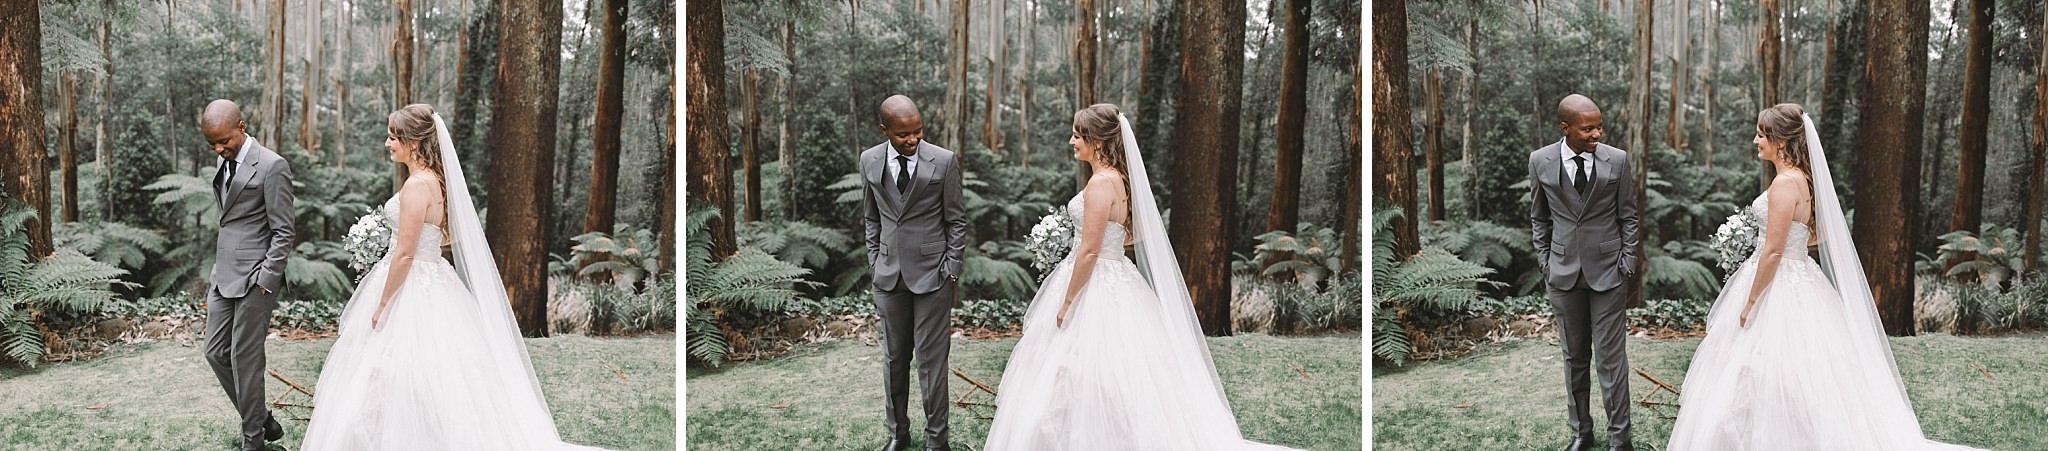 Tatra Dandenong Wedding Photography Natural Candid (17).JPG